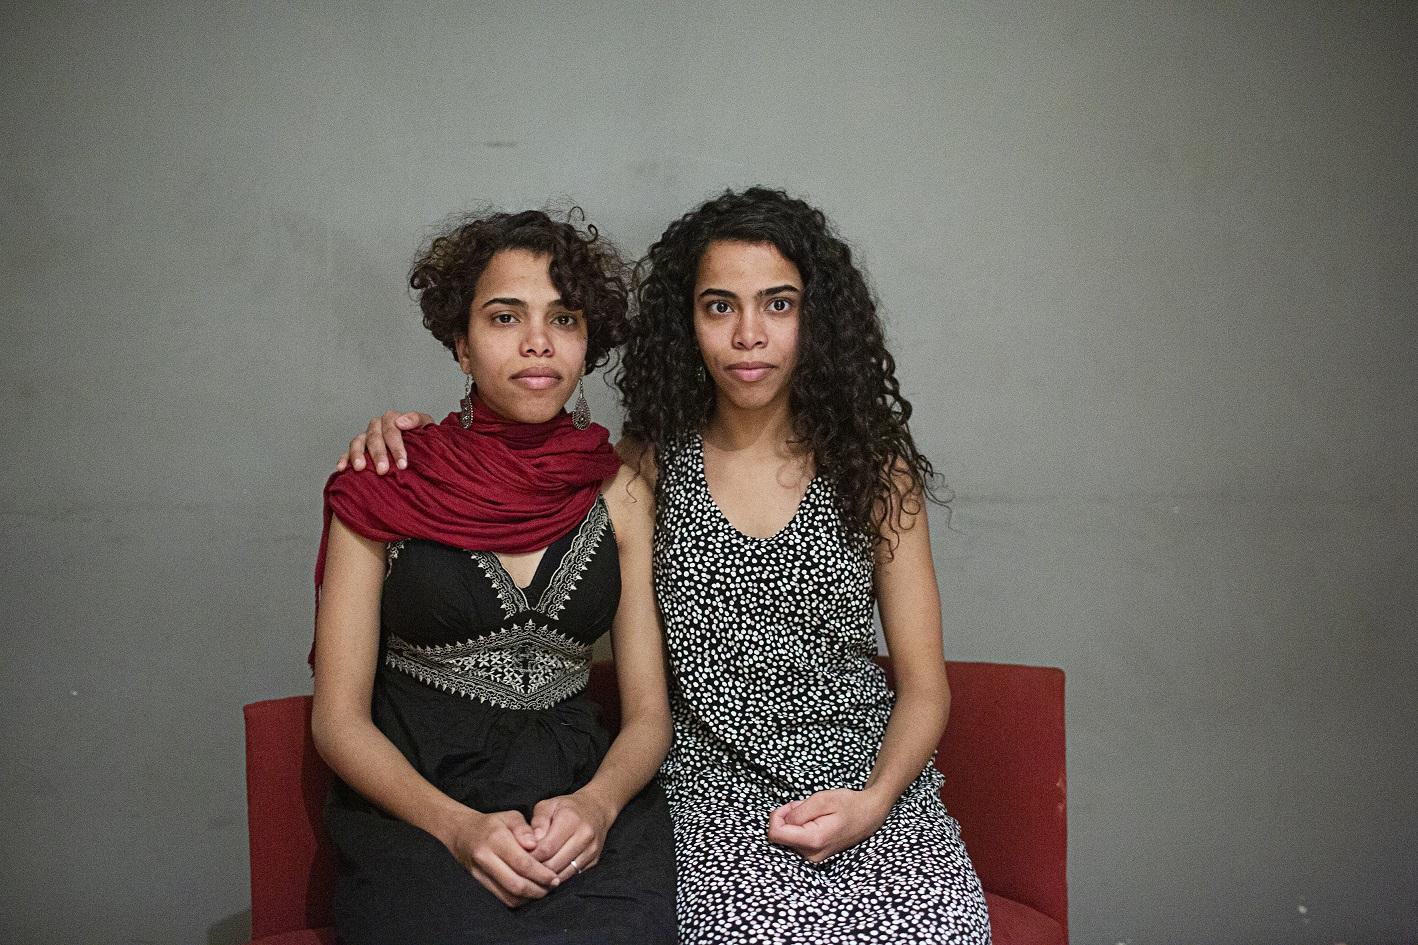 Photo issue de la série Just stop d'Eman Helal (avec l'aimable autorisation de l'auteure)